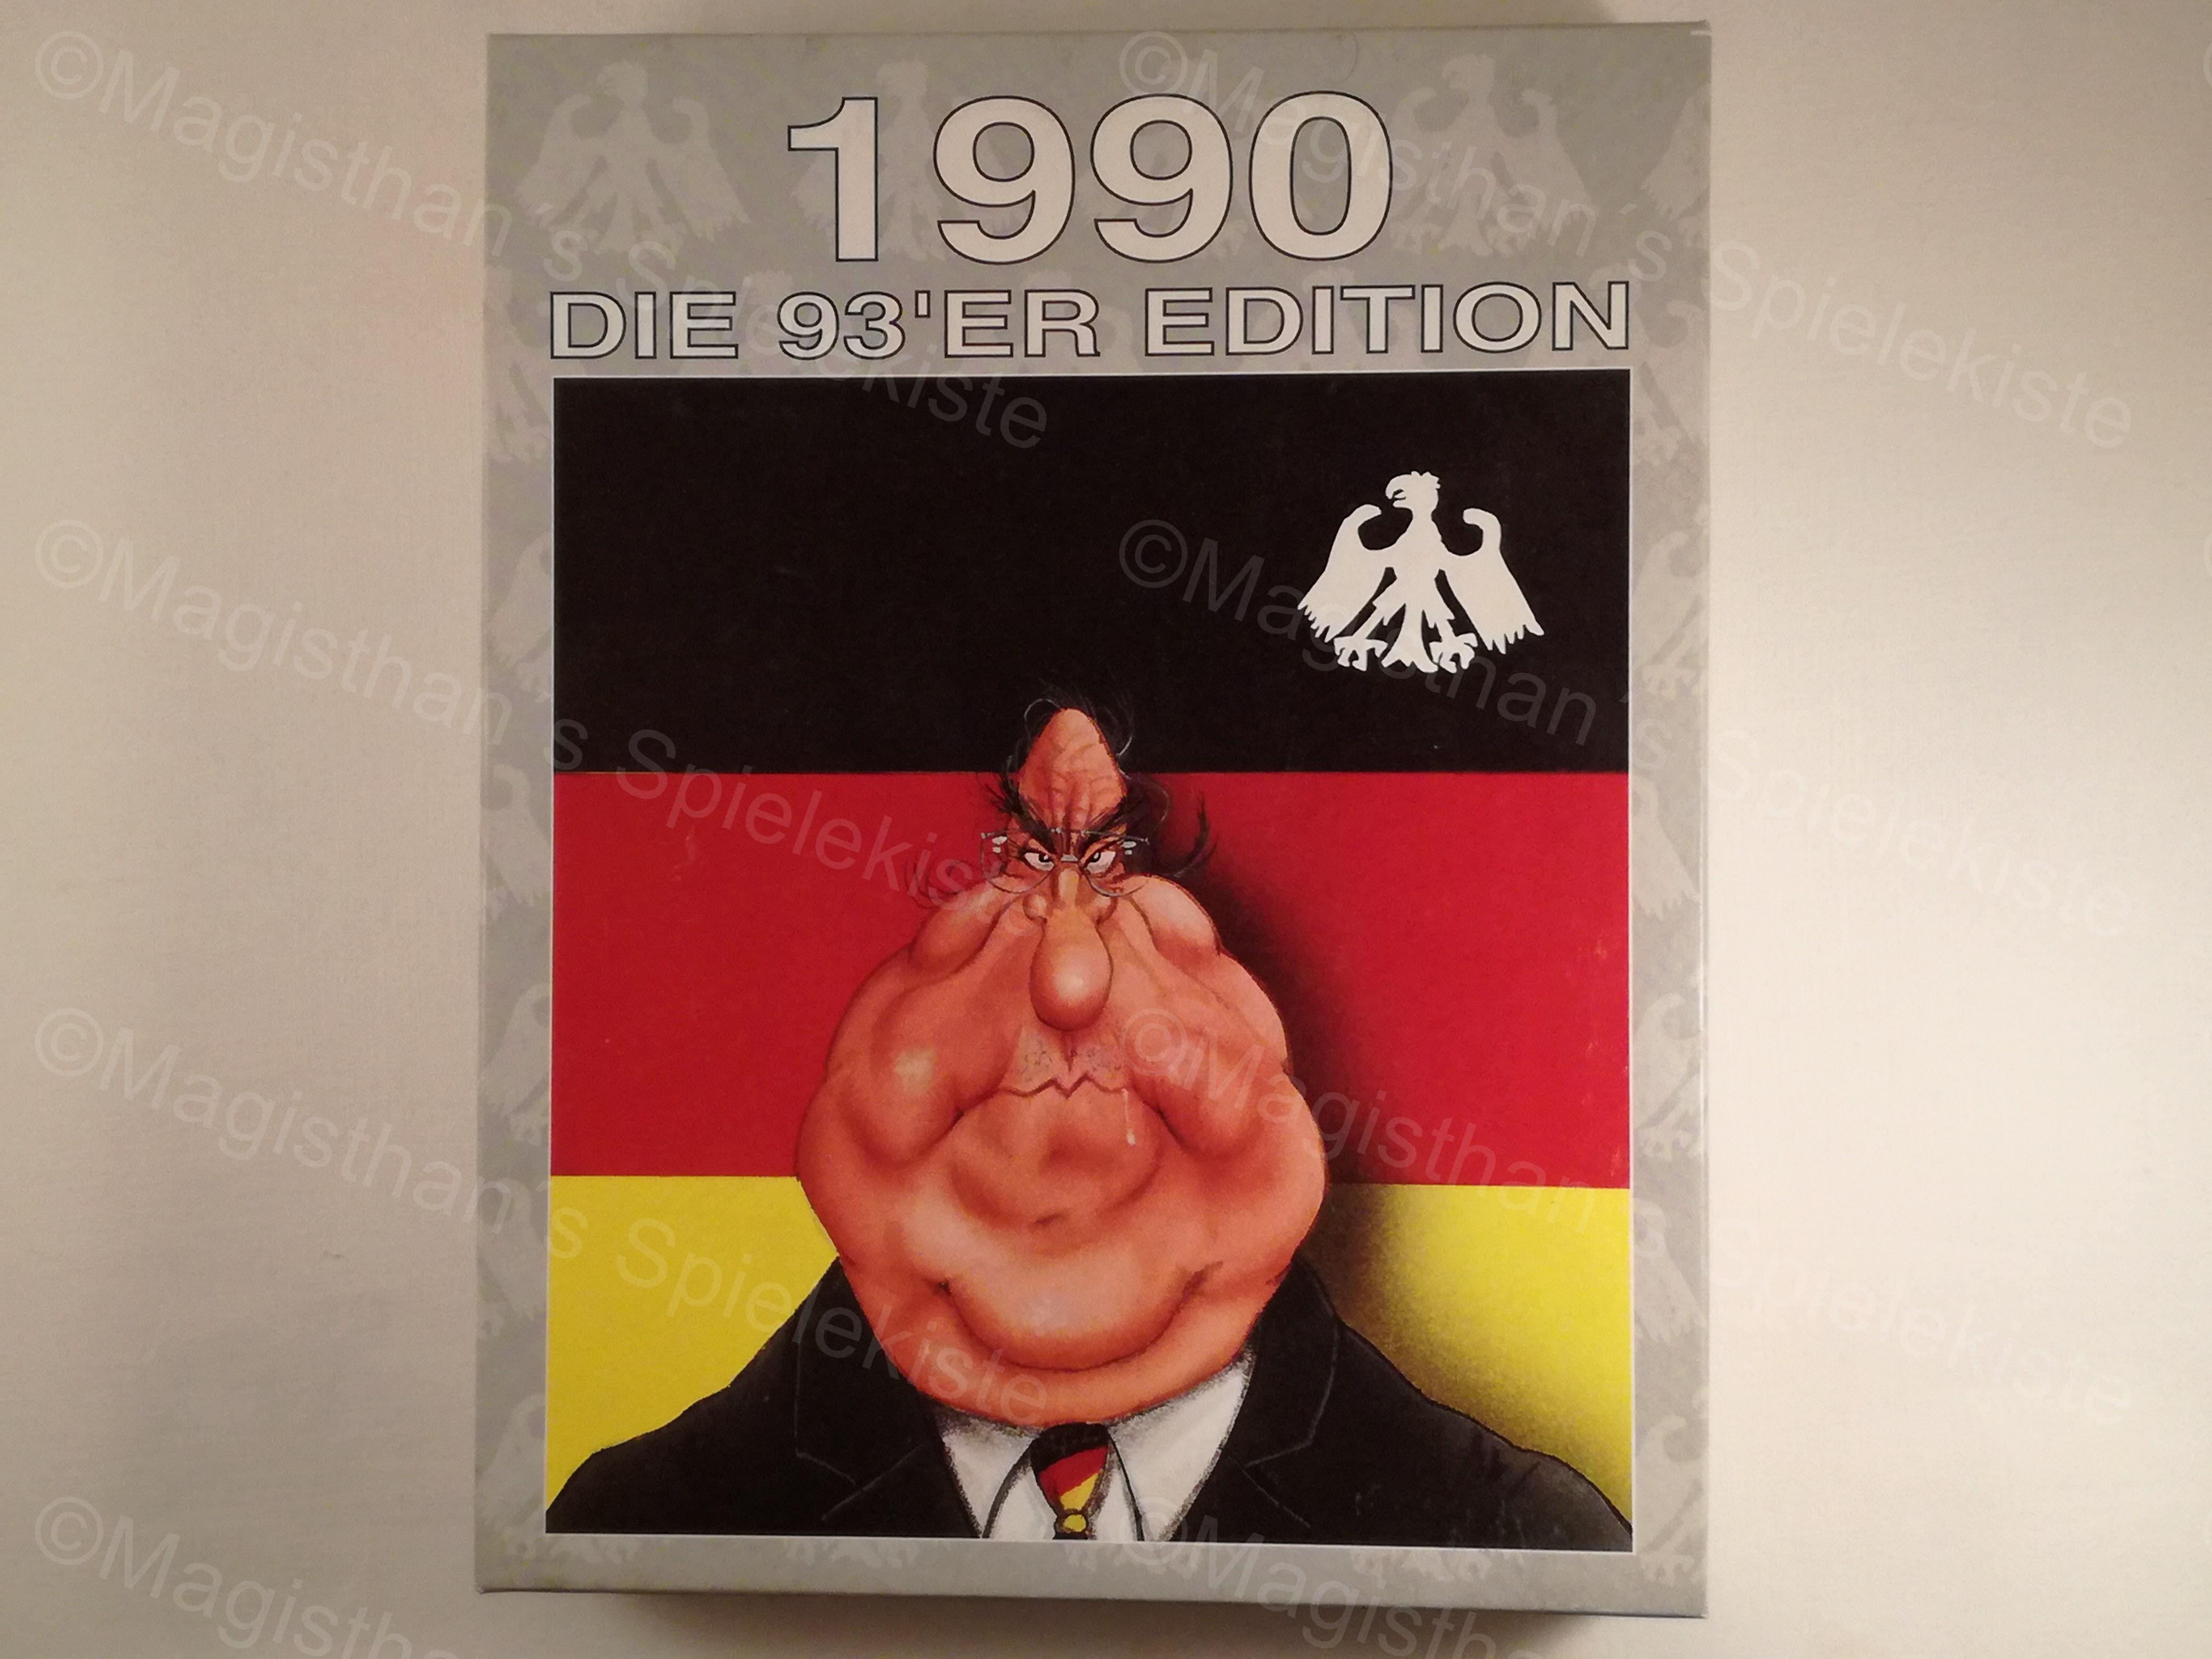 1990Die93Edition1.jpg